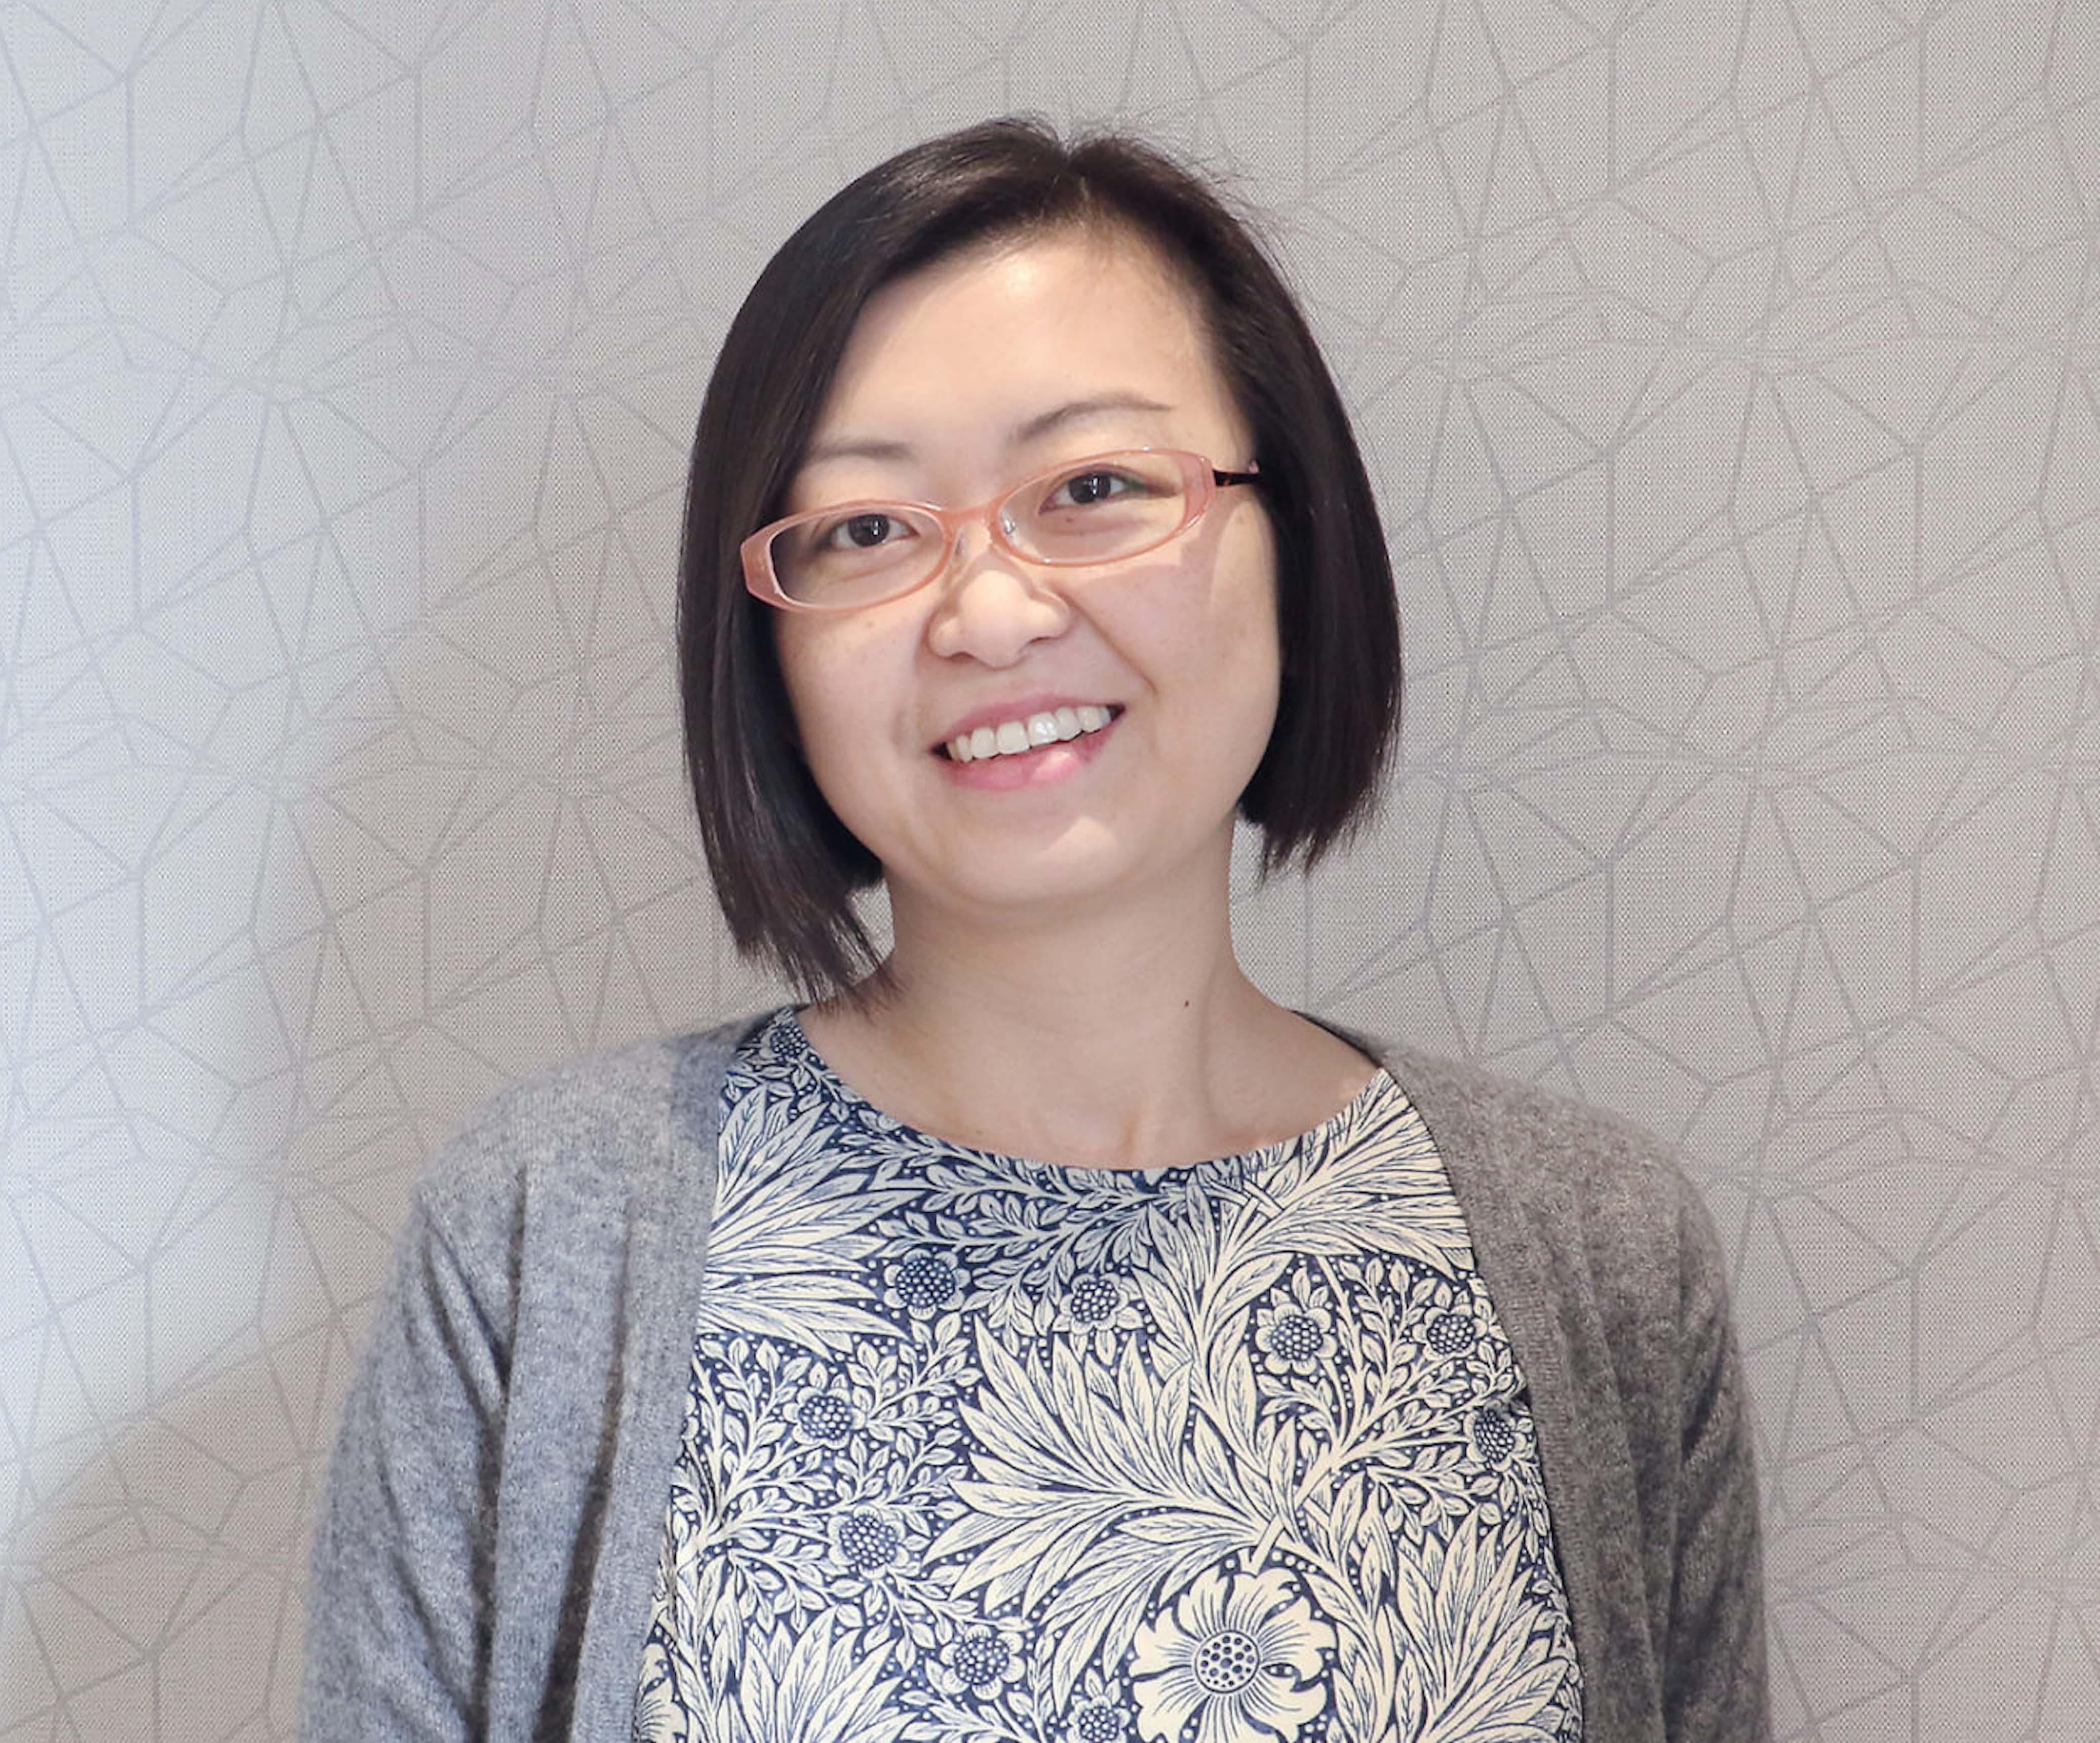 Yuan Li, assistant professor in the UNT Department of Physics